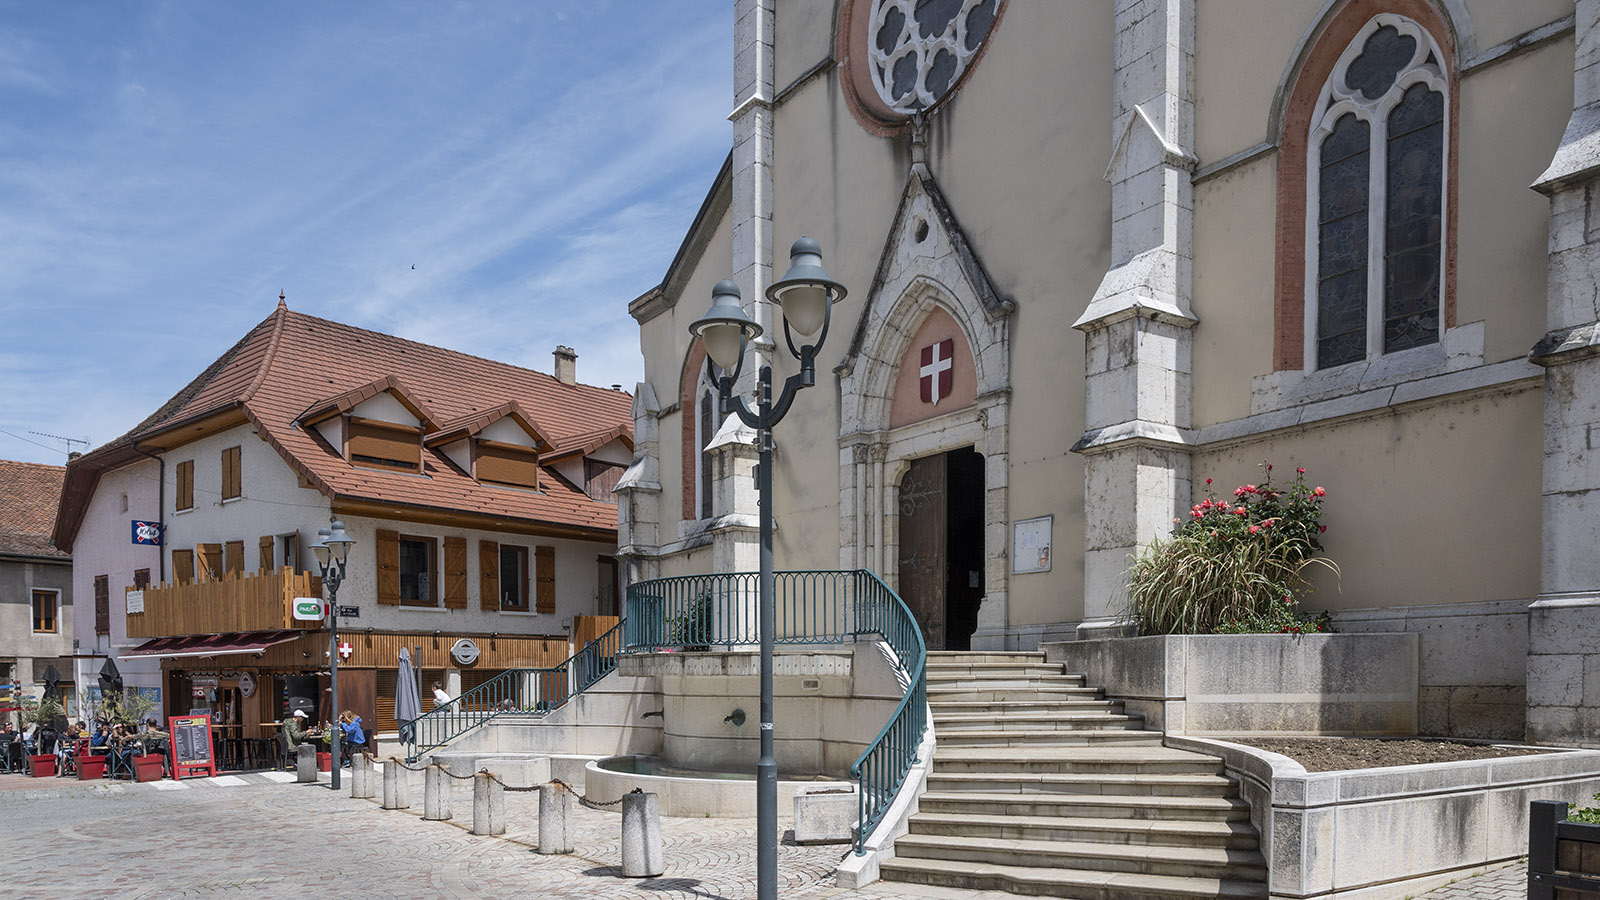 Im Ortszentrum von Saint-Genix. Foto: Hilke Maunder